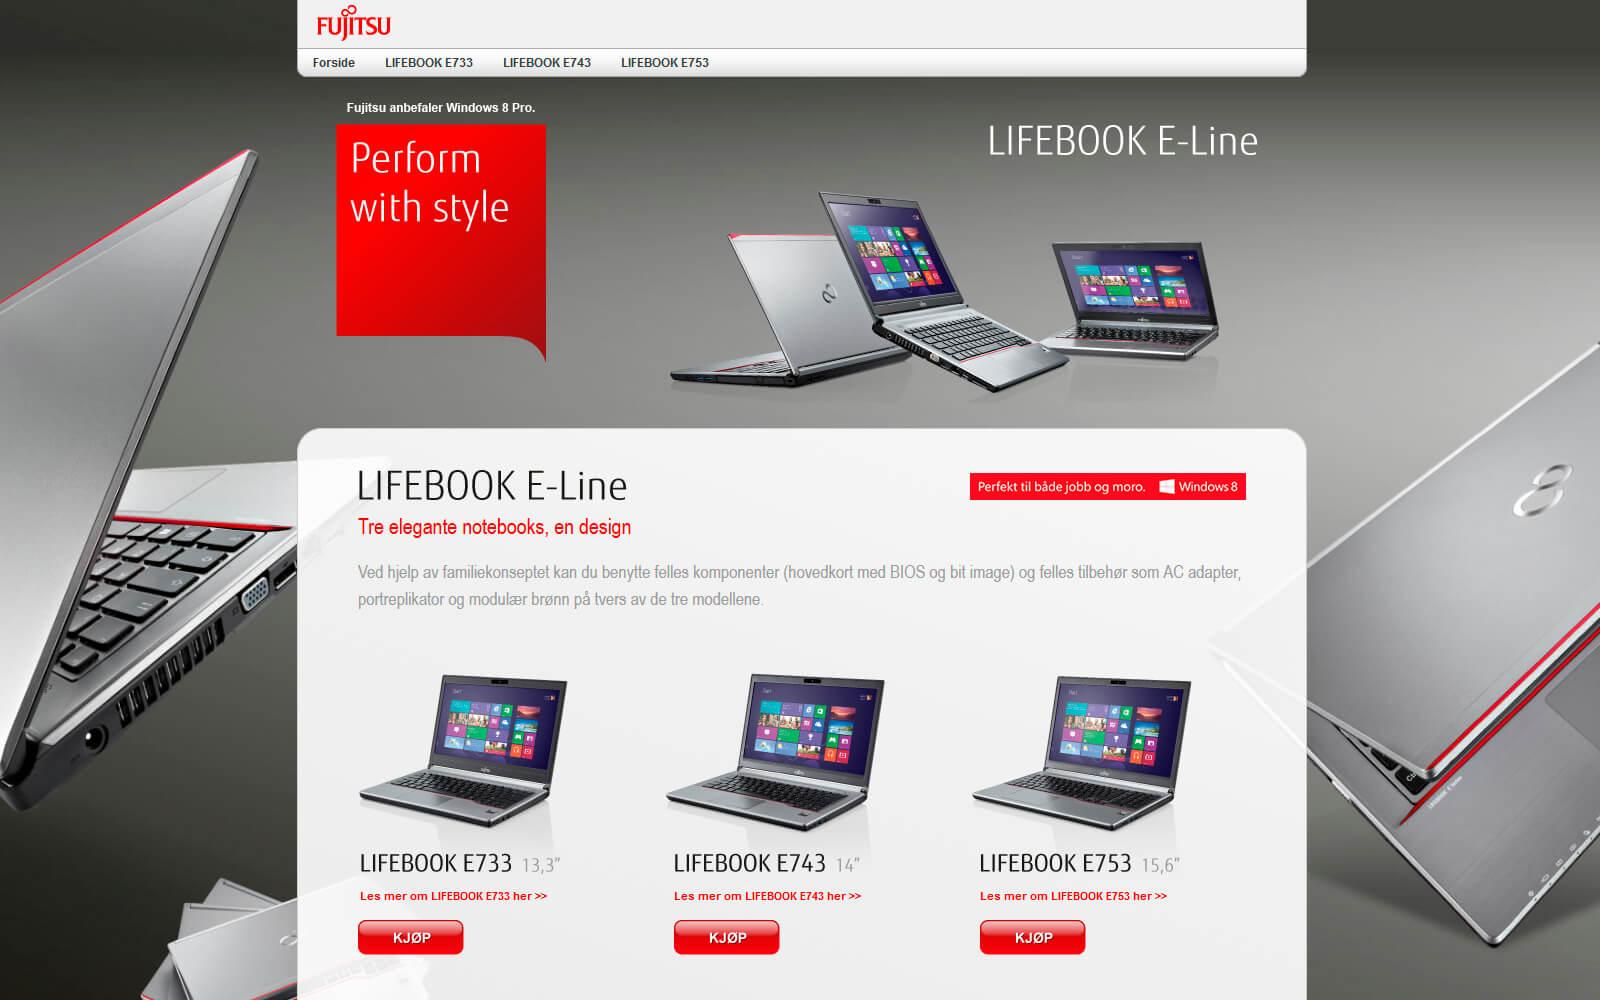 Fujitsu kampanje webside